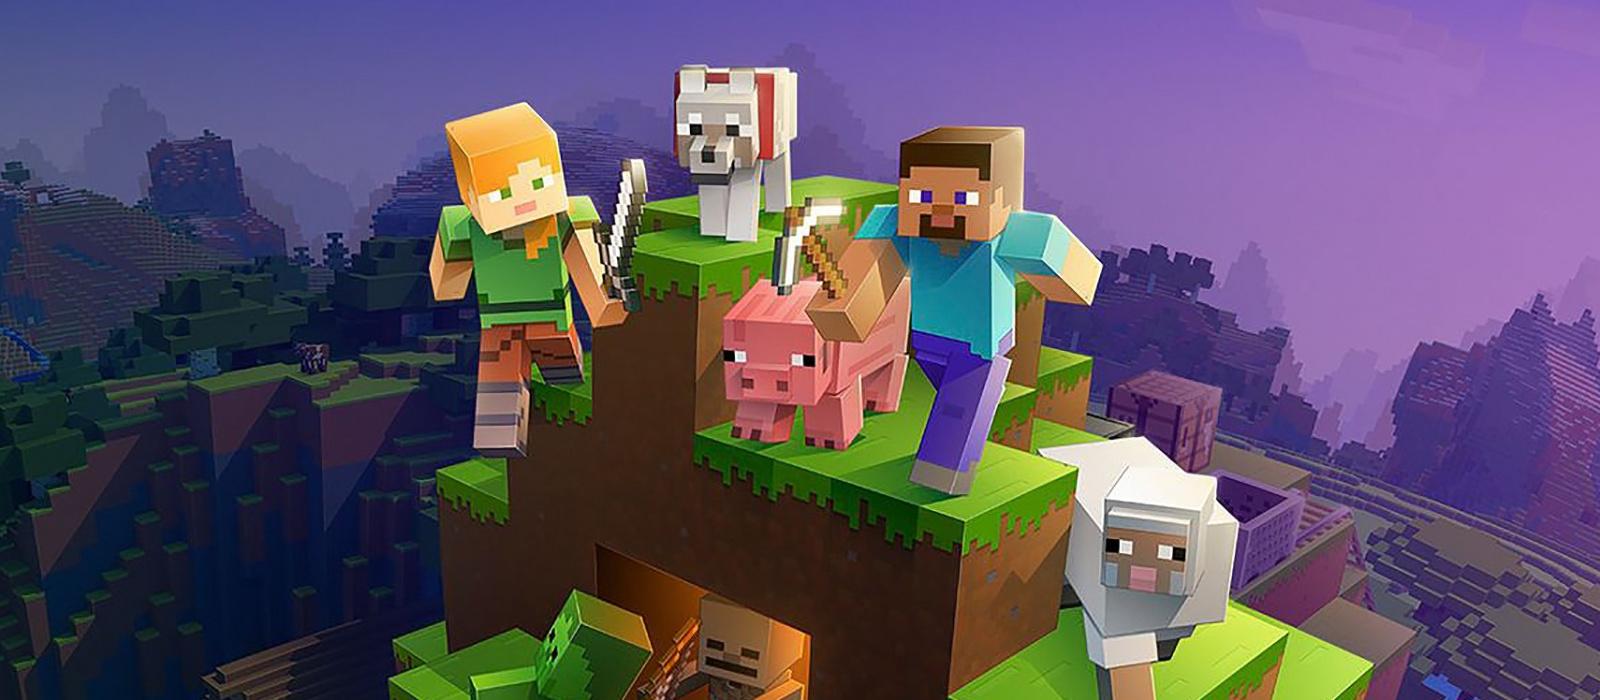 Minecraft wurde zum ersten Mal der Welt mit geschlossenen Augen in nur 30 Minuten bestanden – es brauchte mehr als 100 Versuche